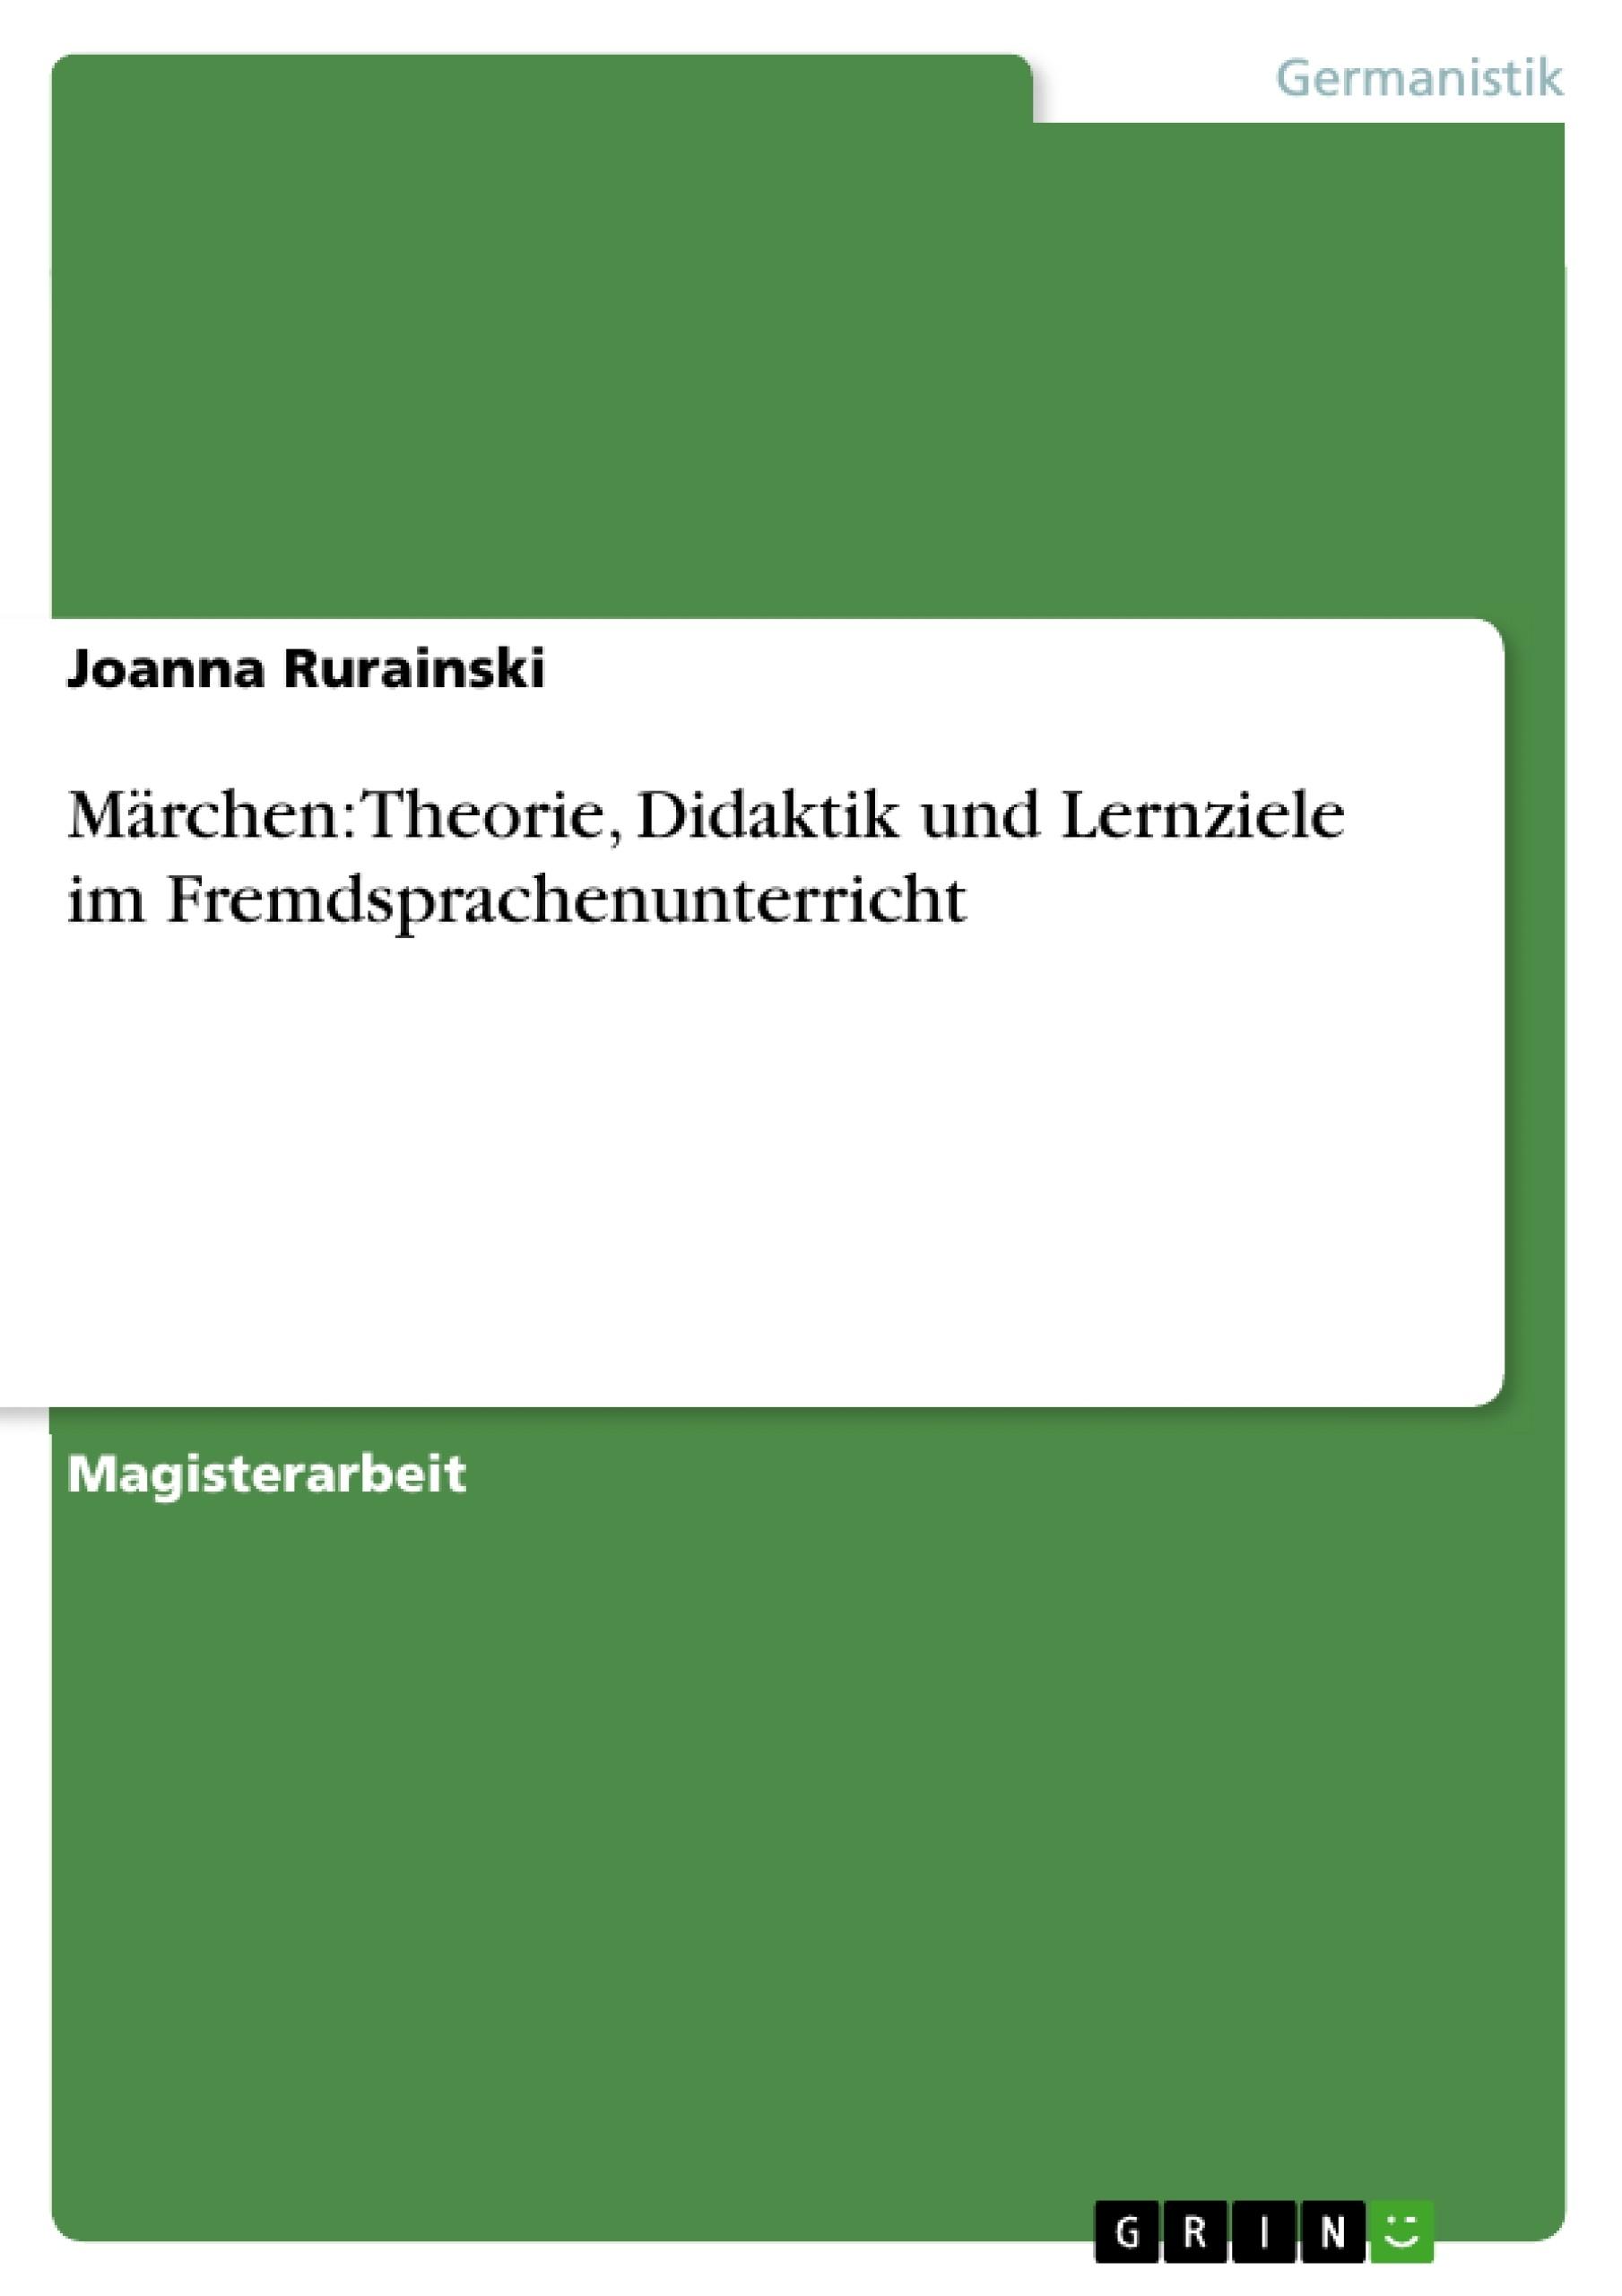 Titel: Märchen: Theorie, Didaktik und Lernziele im Fremdsprachenunterricht